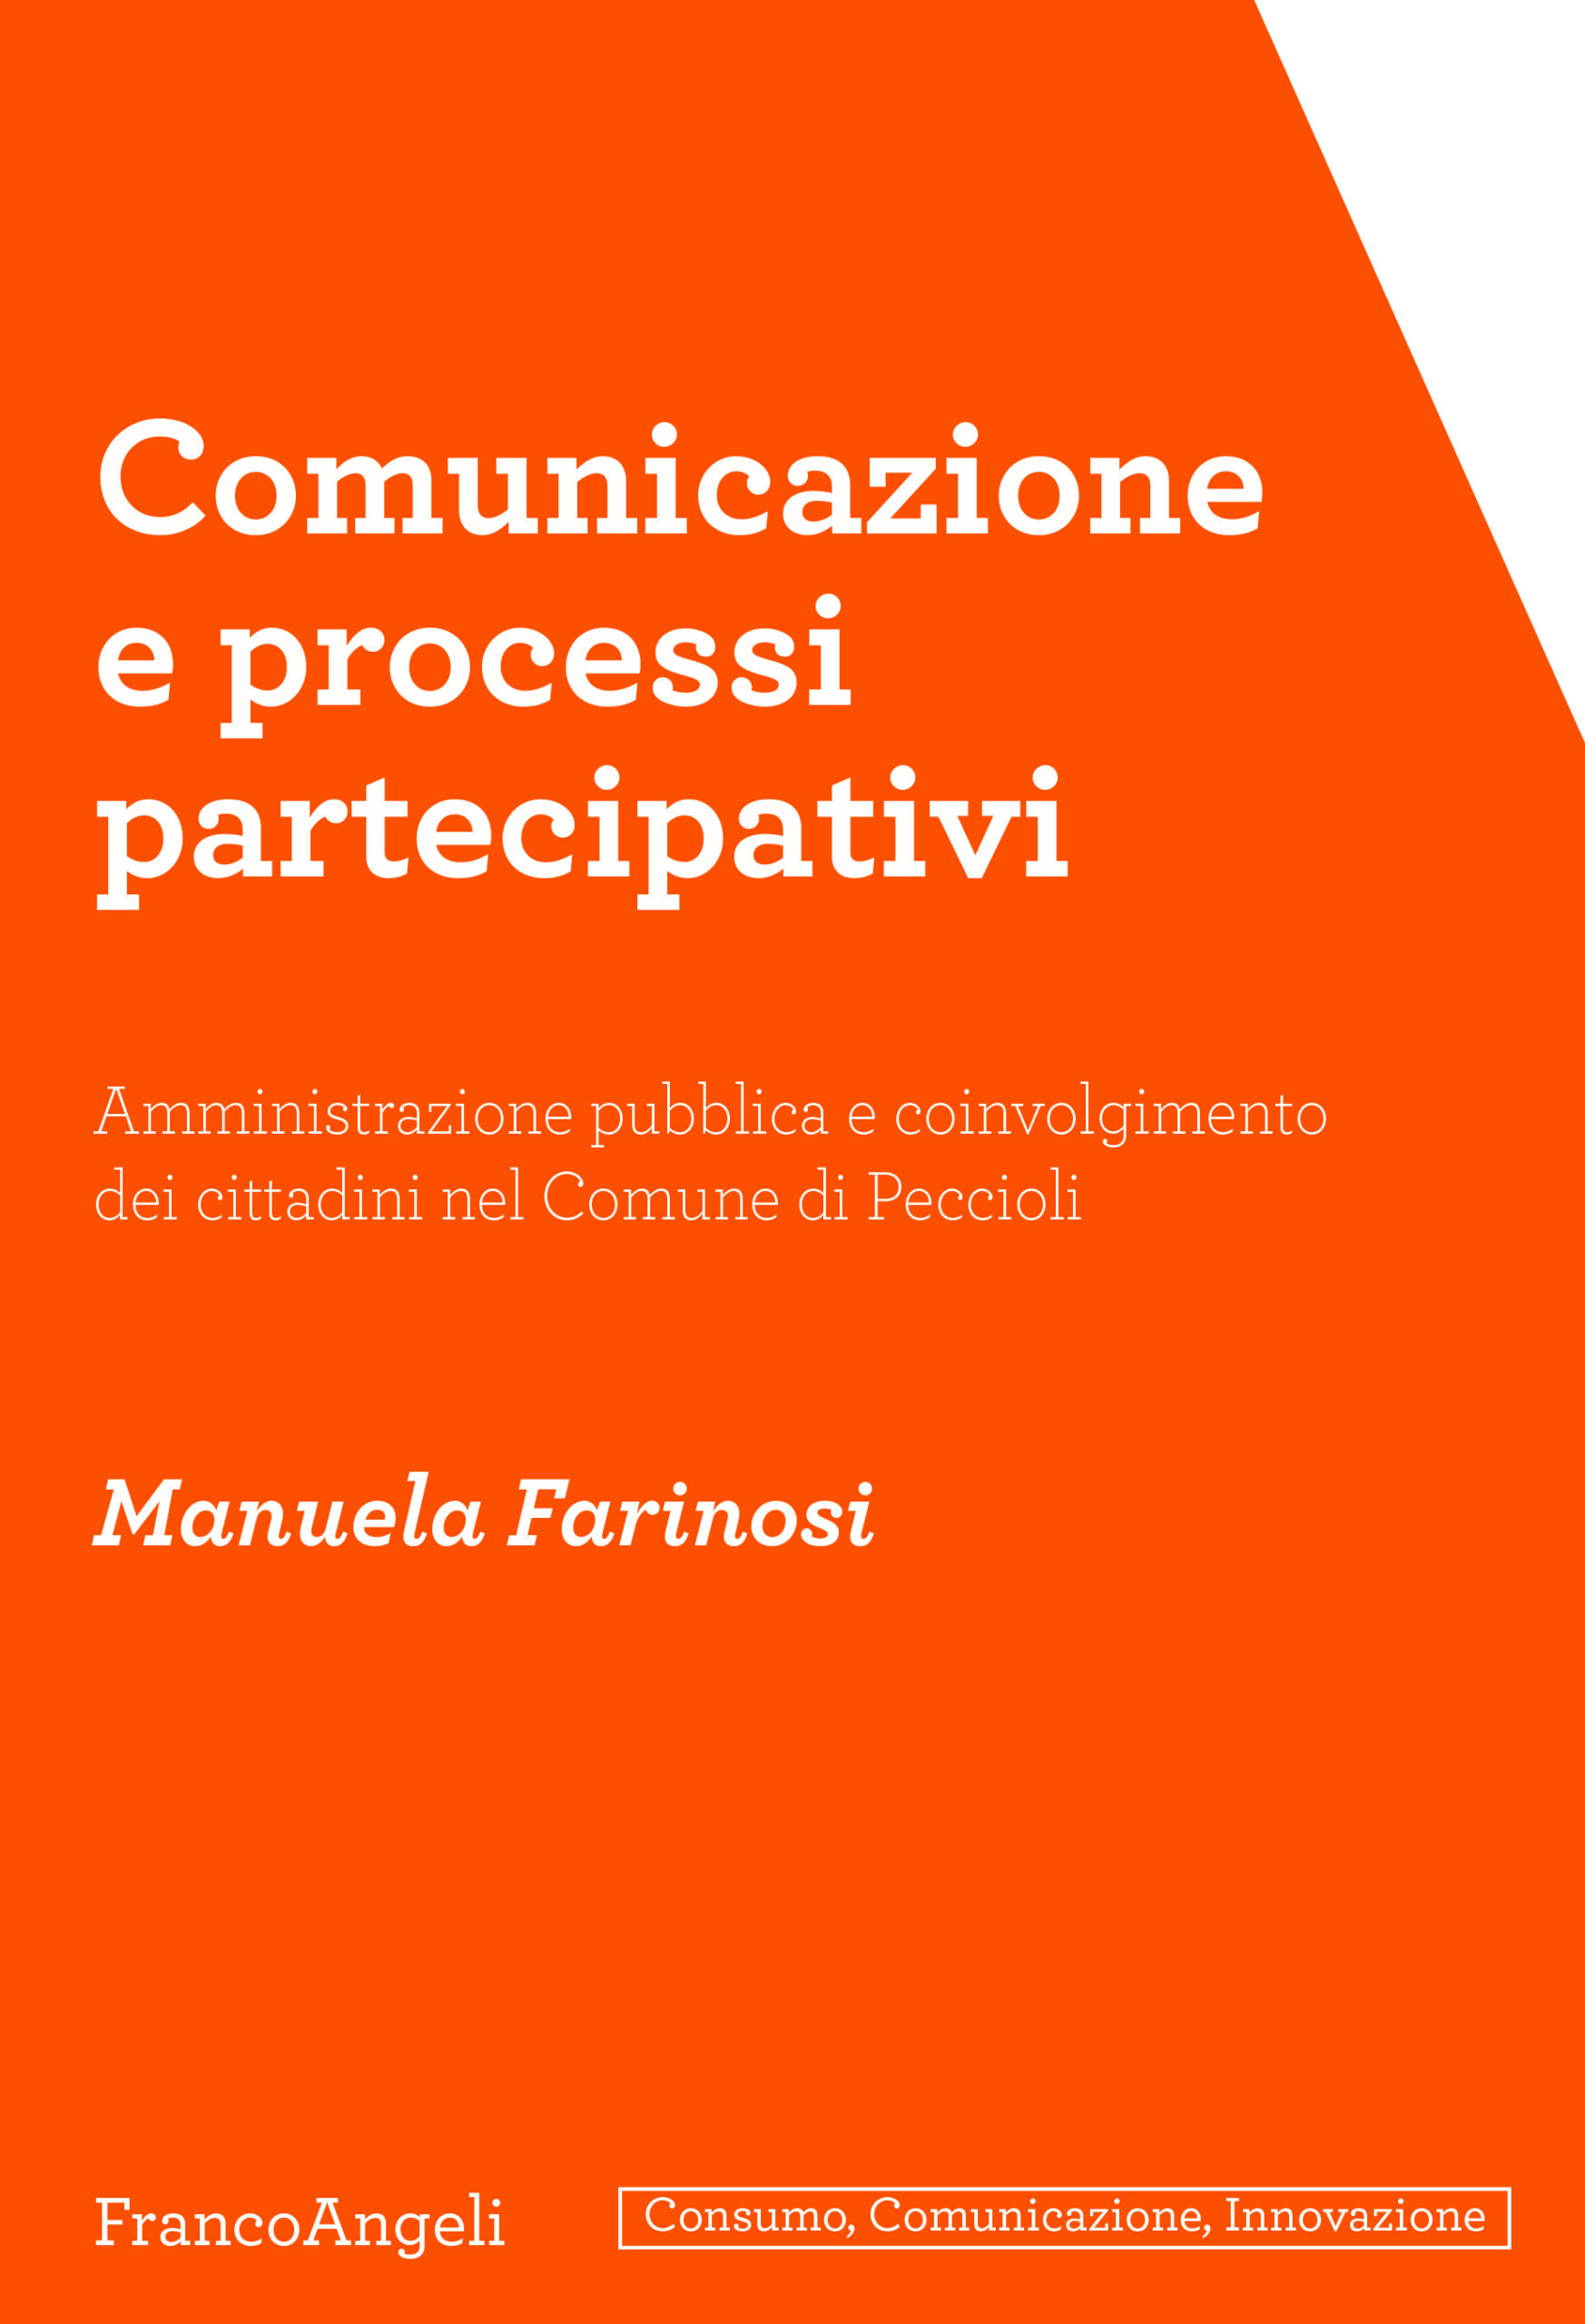 Comunicazione_e_processi_partecipativi